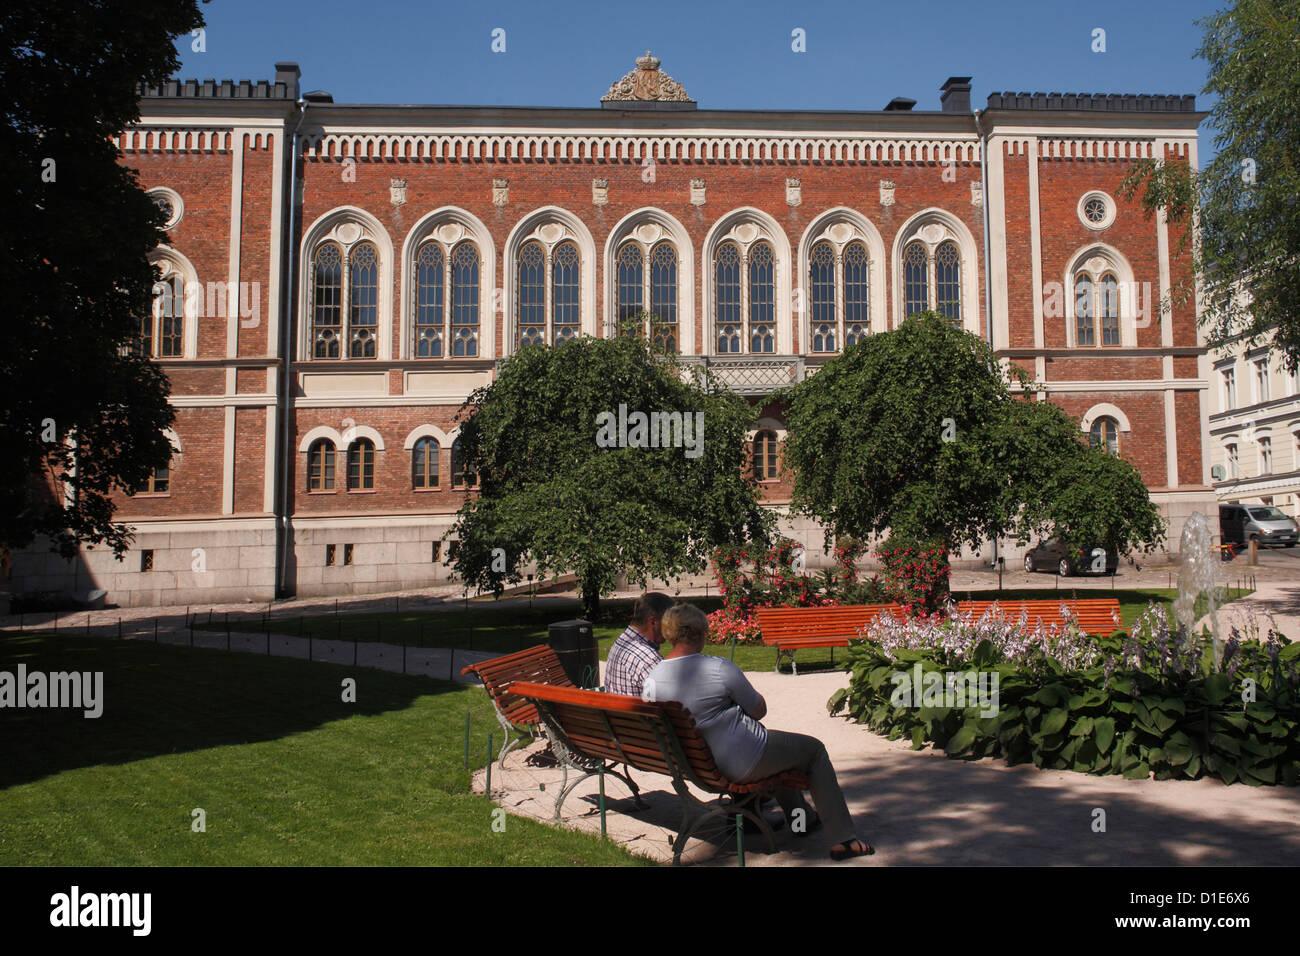 La casa della Nobiltà (Riddarhuset), Helsinki, Finlandia e Scandinavia, Europa Immagini Stock